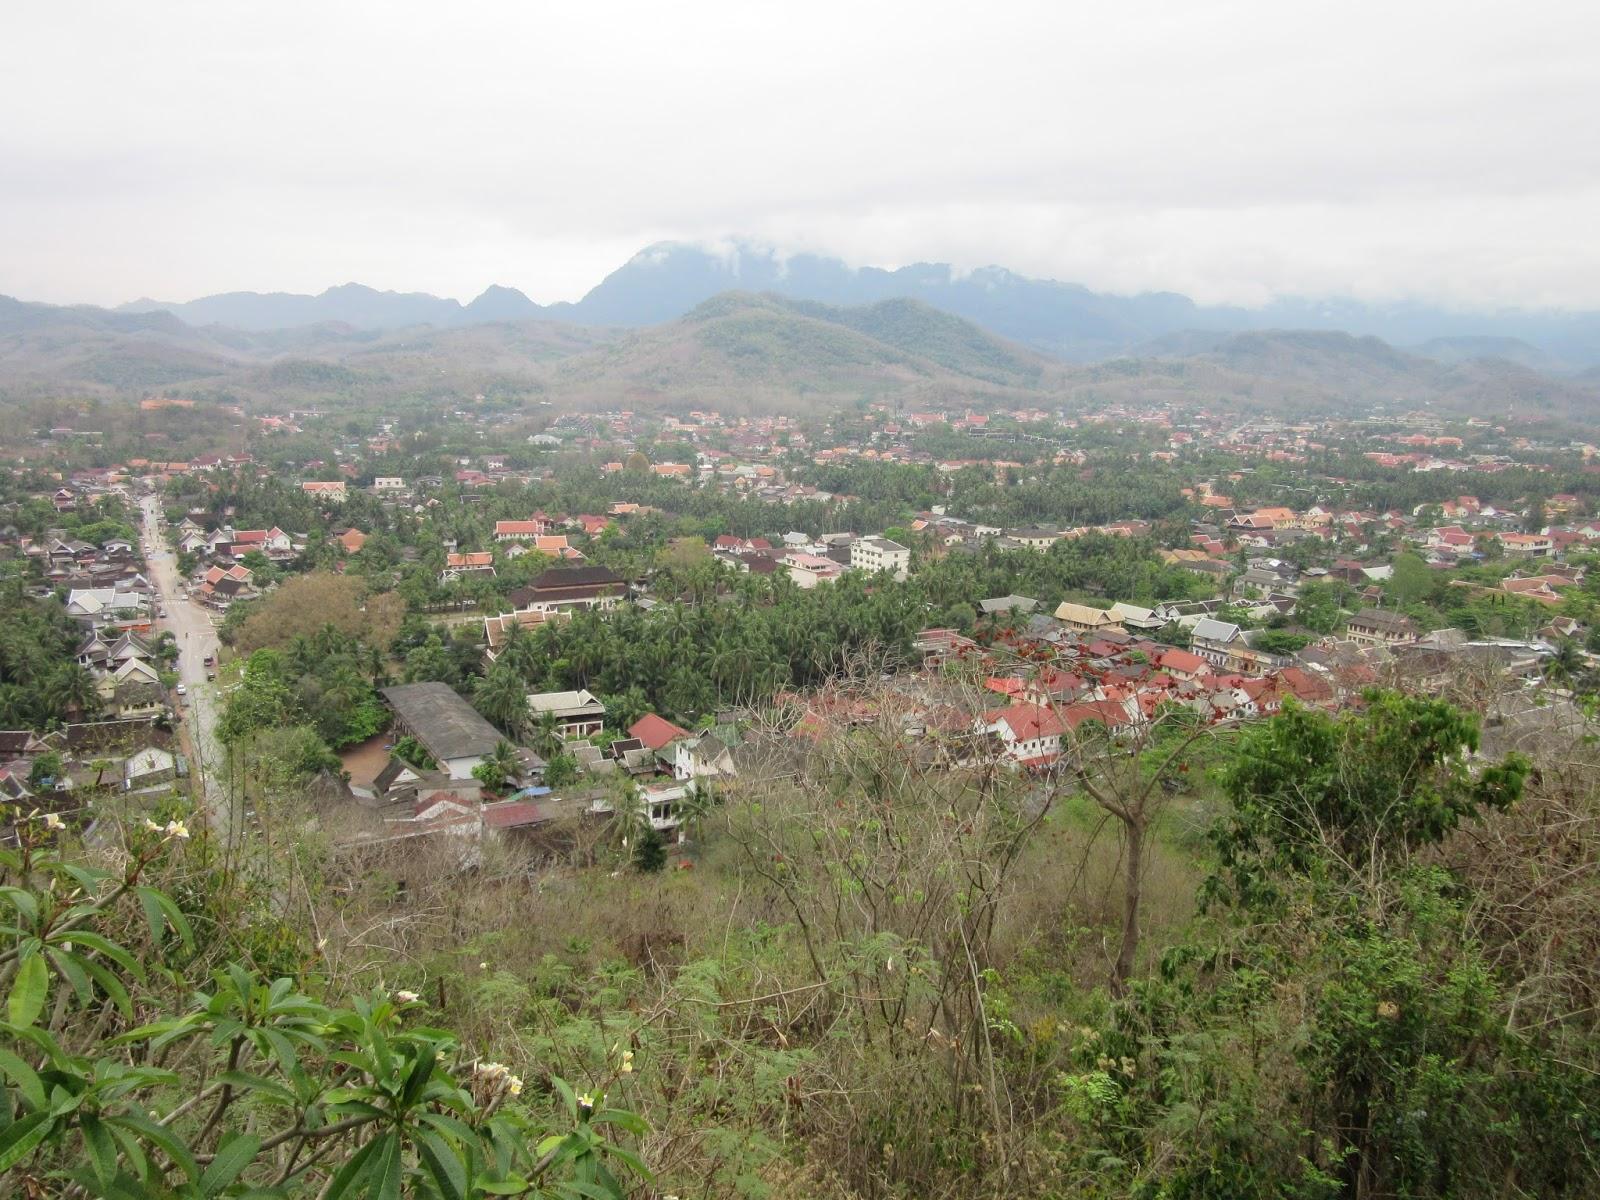 Vistas de Luang Prabang desde el templo That Phu Si, Laos